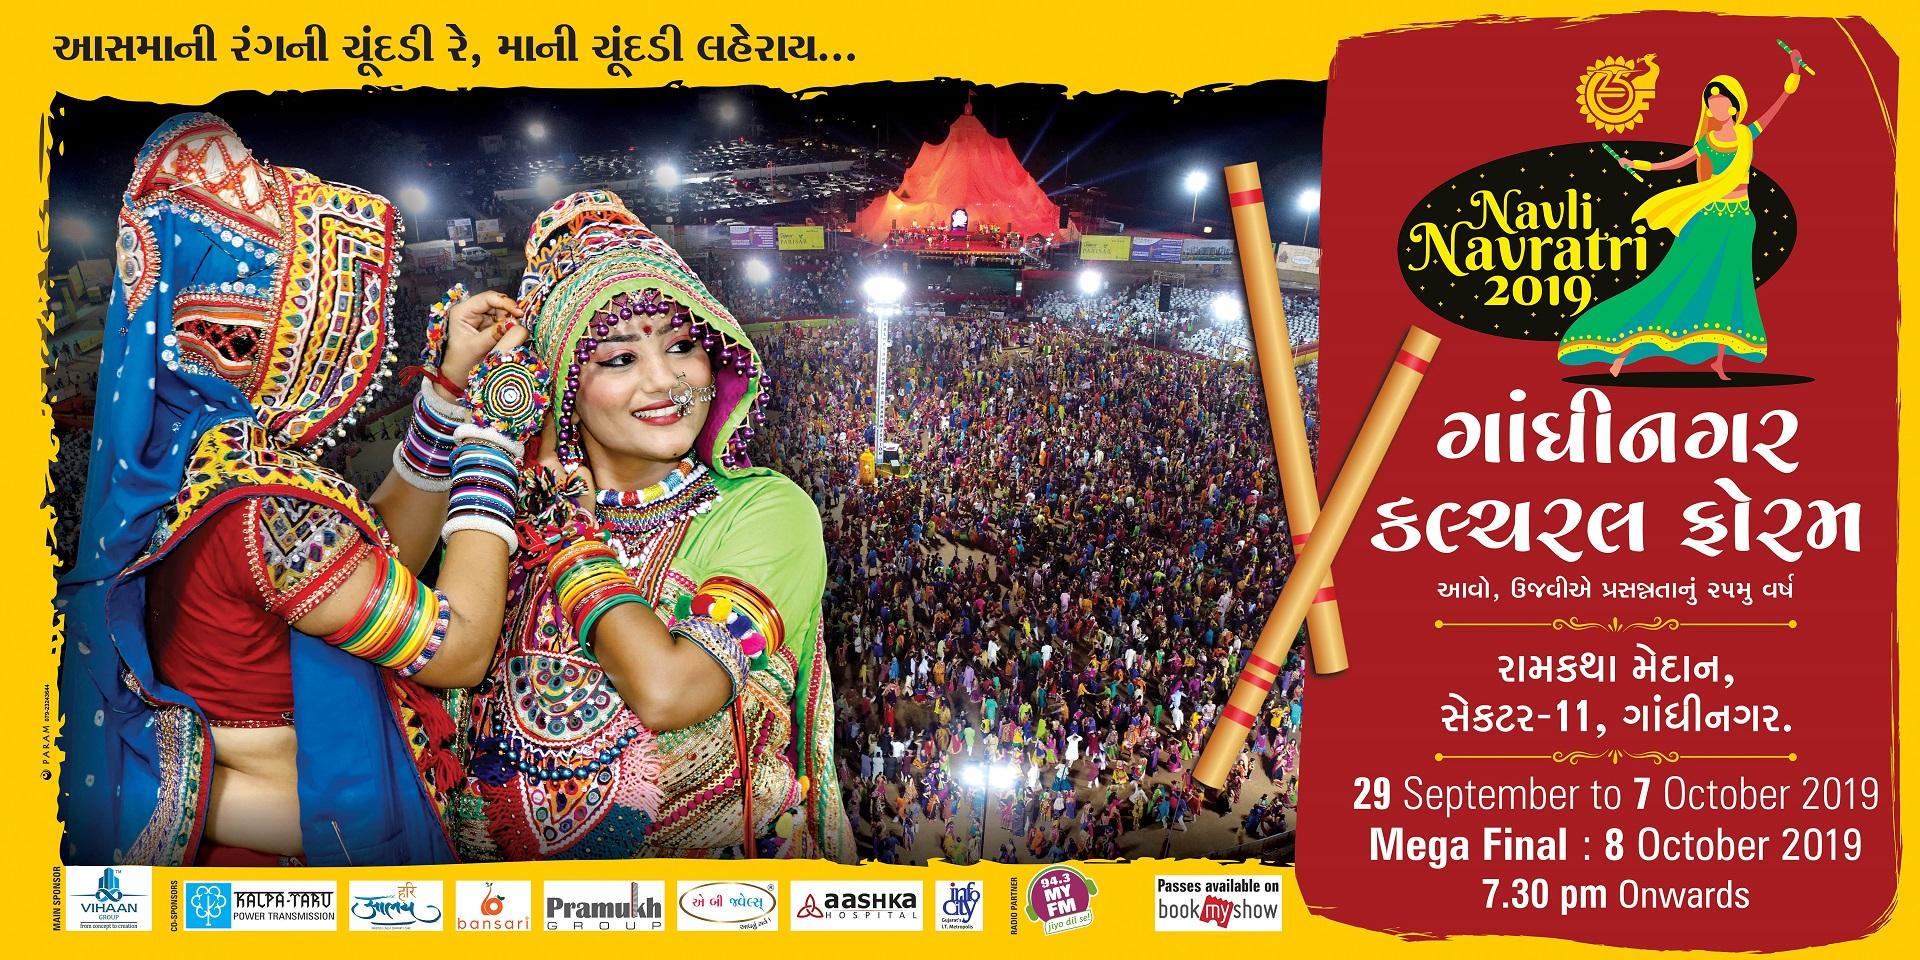 Live Navratri 2019- Gandhinagar Cultural Forum Navratri 2019- Day 1 – Samir Raval, Mana Raval & group